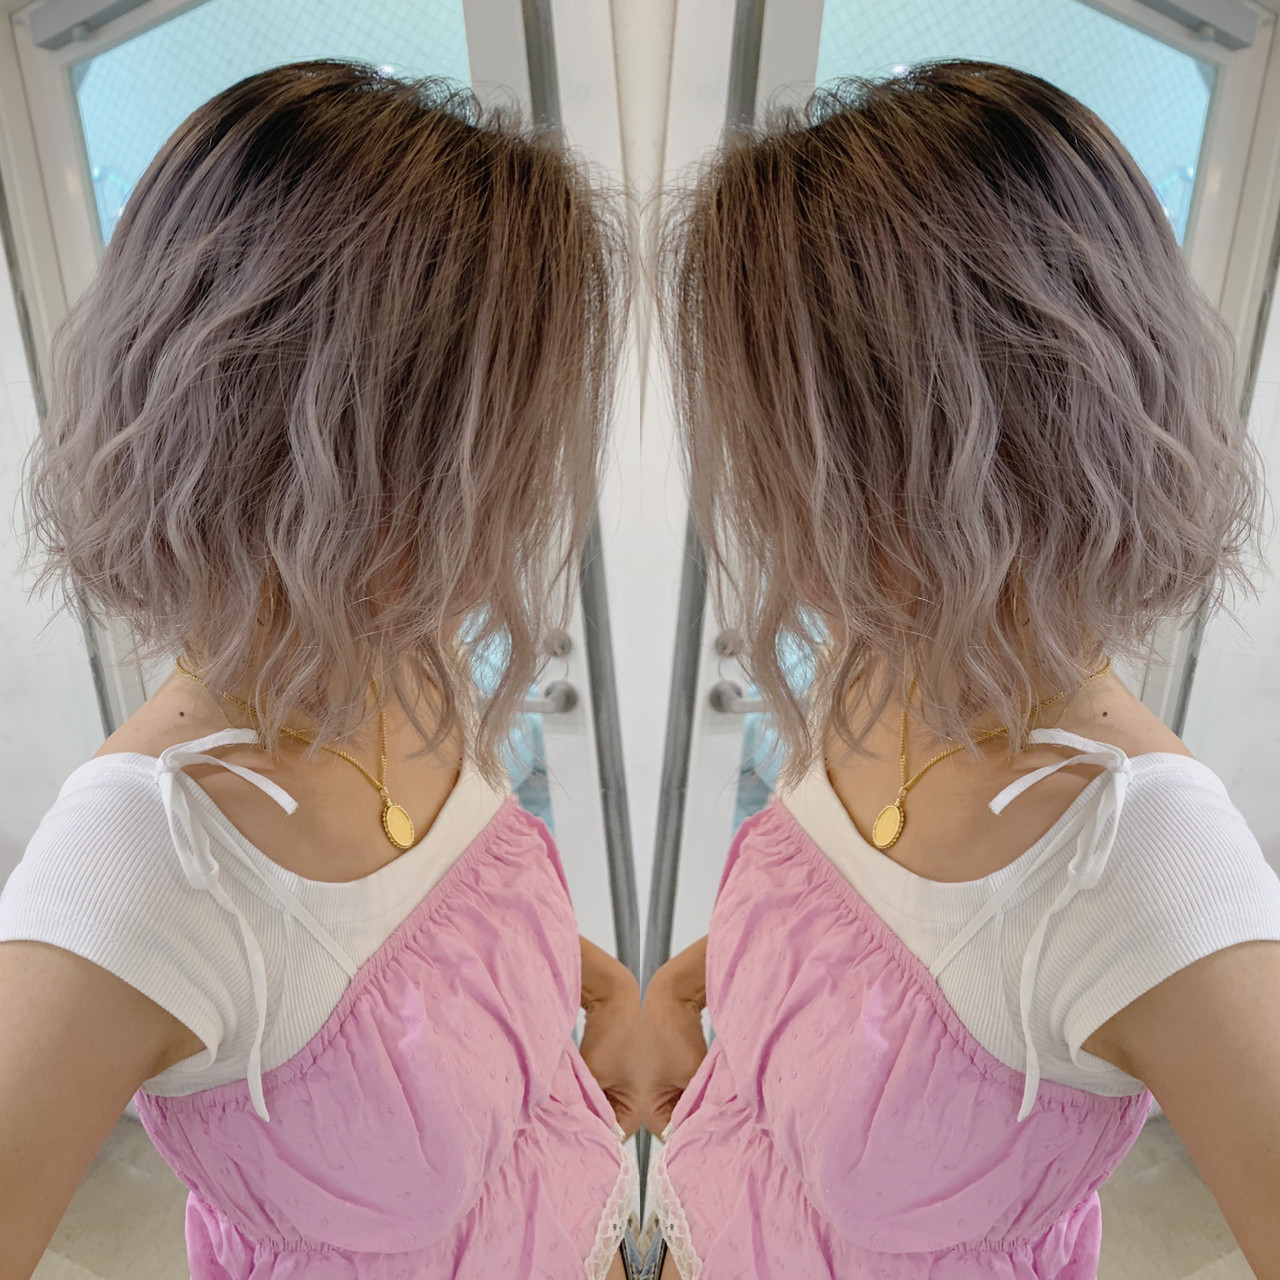 ナチュラル スポーツ ヘアアレンジ 簡単ヘアアレンジ ヘアスタイルや髪型の写真・画像 | 寺坂 雄飛 / banks hair